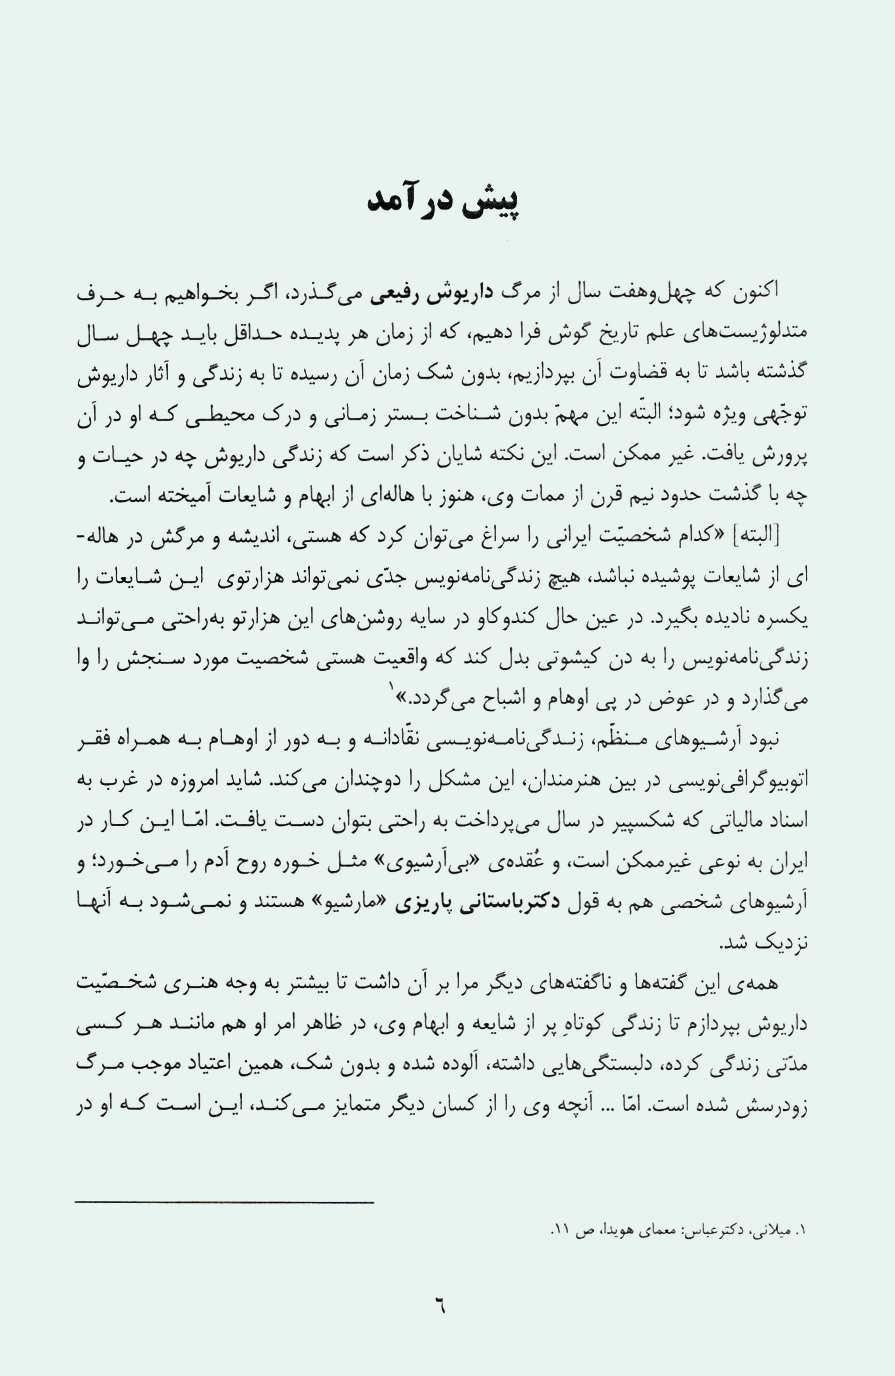 کاروان عمر (زندگی و آثار داریوش رفیعی)